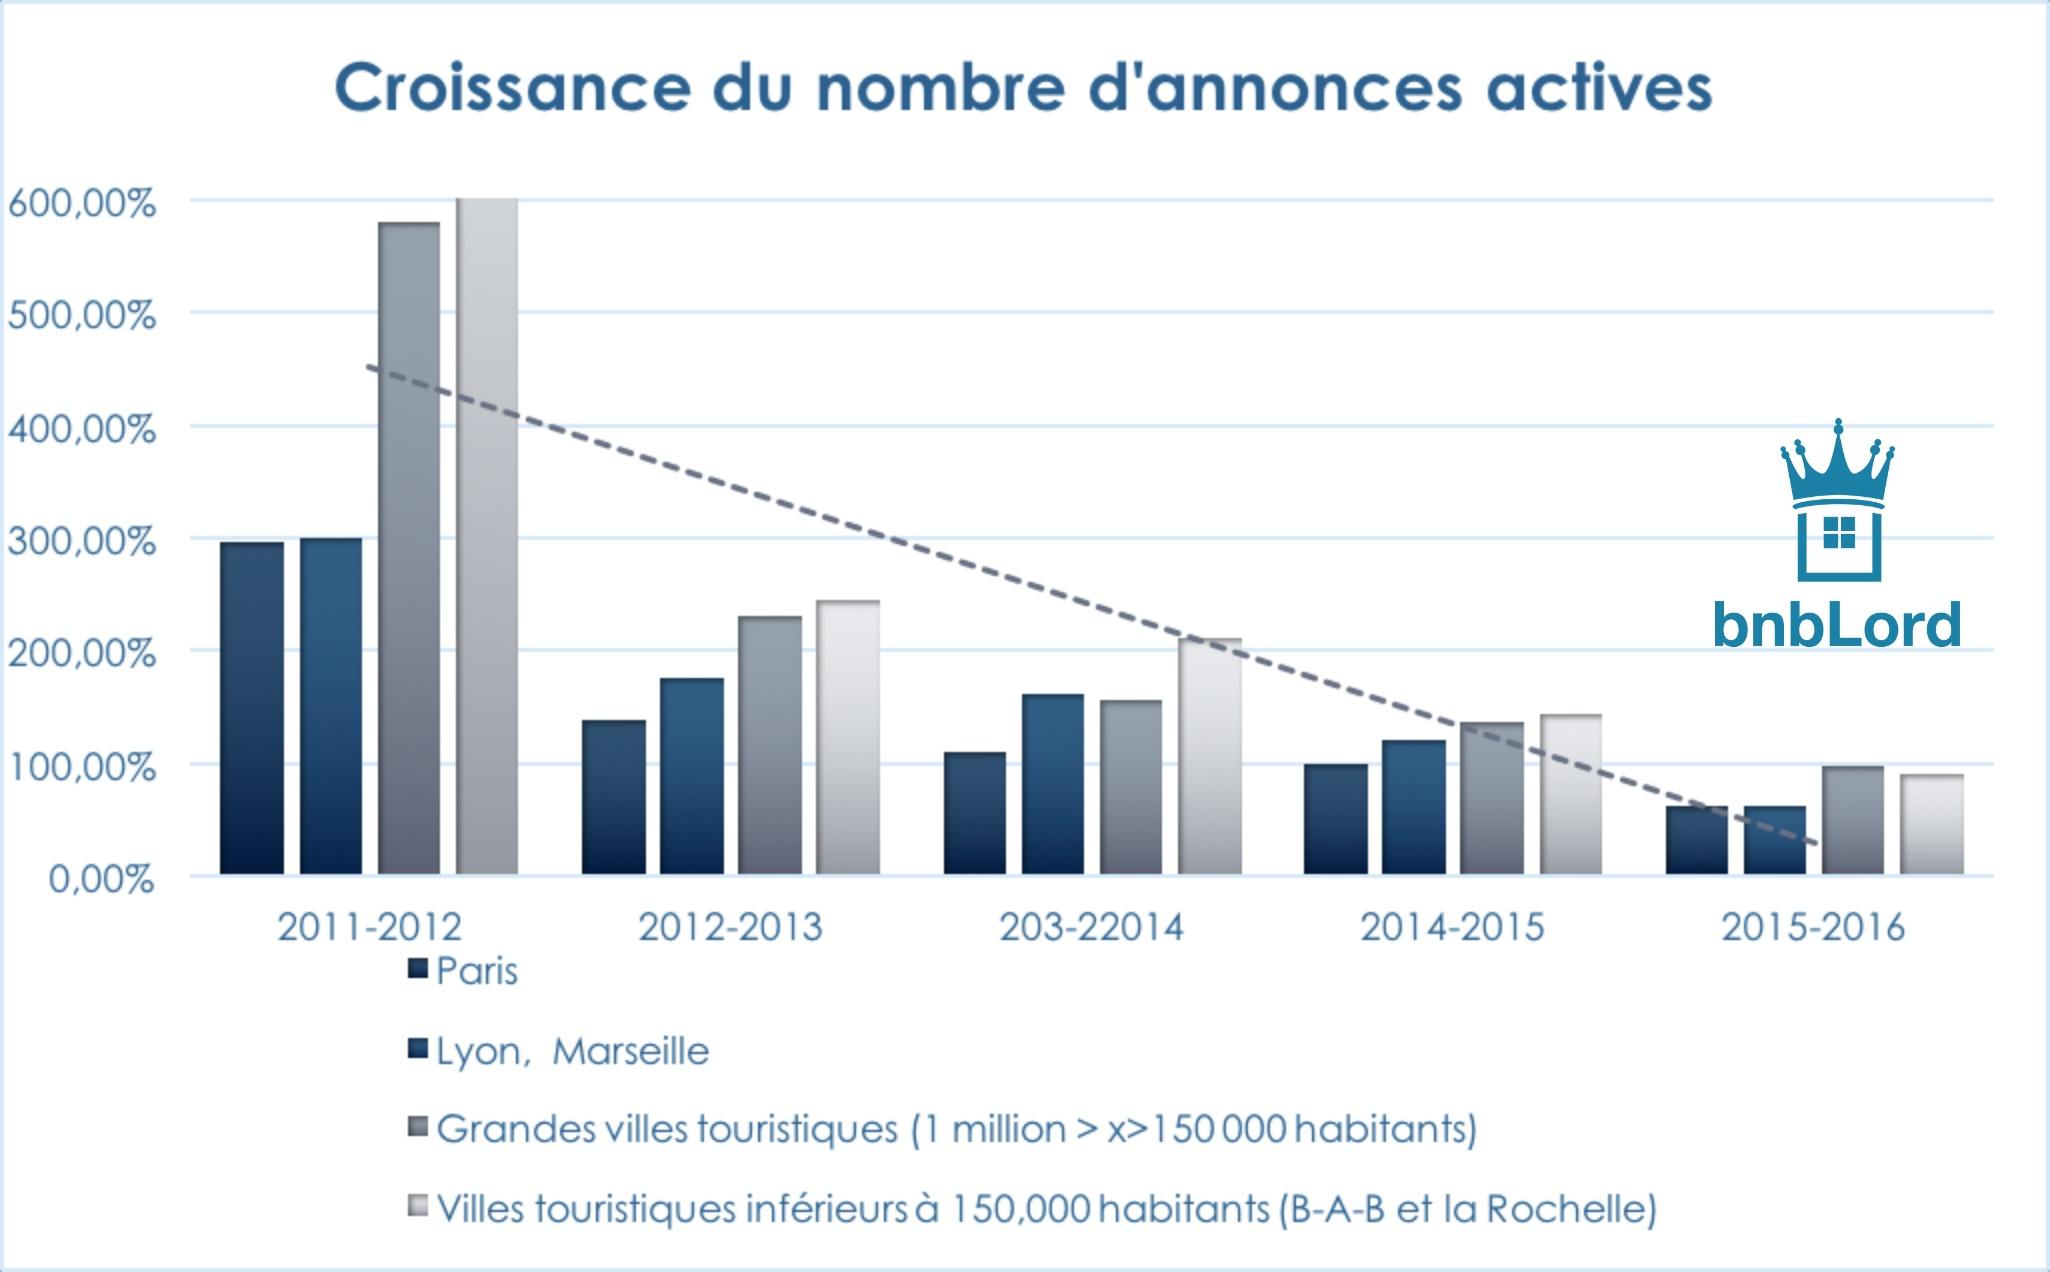 Croissance du nombre d'annonces Airbnb en France